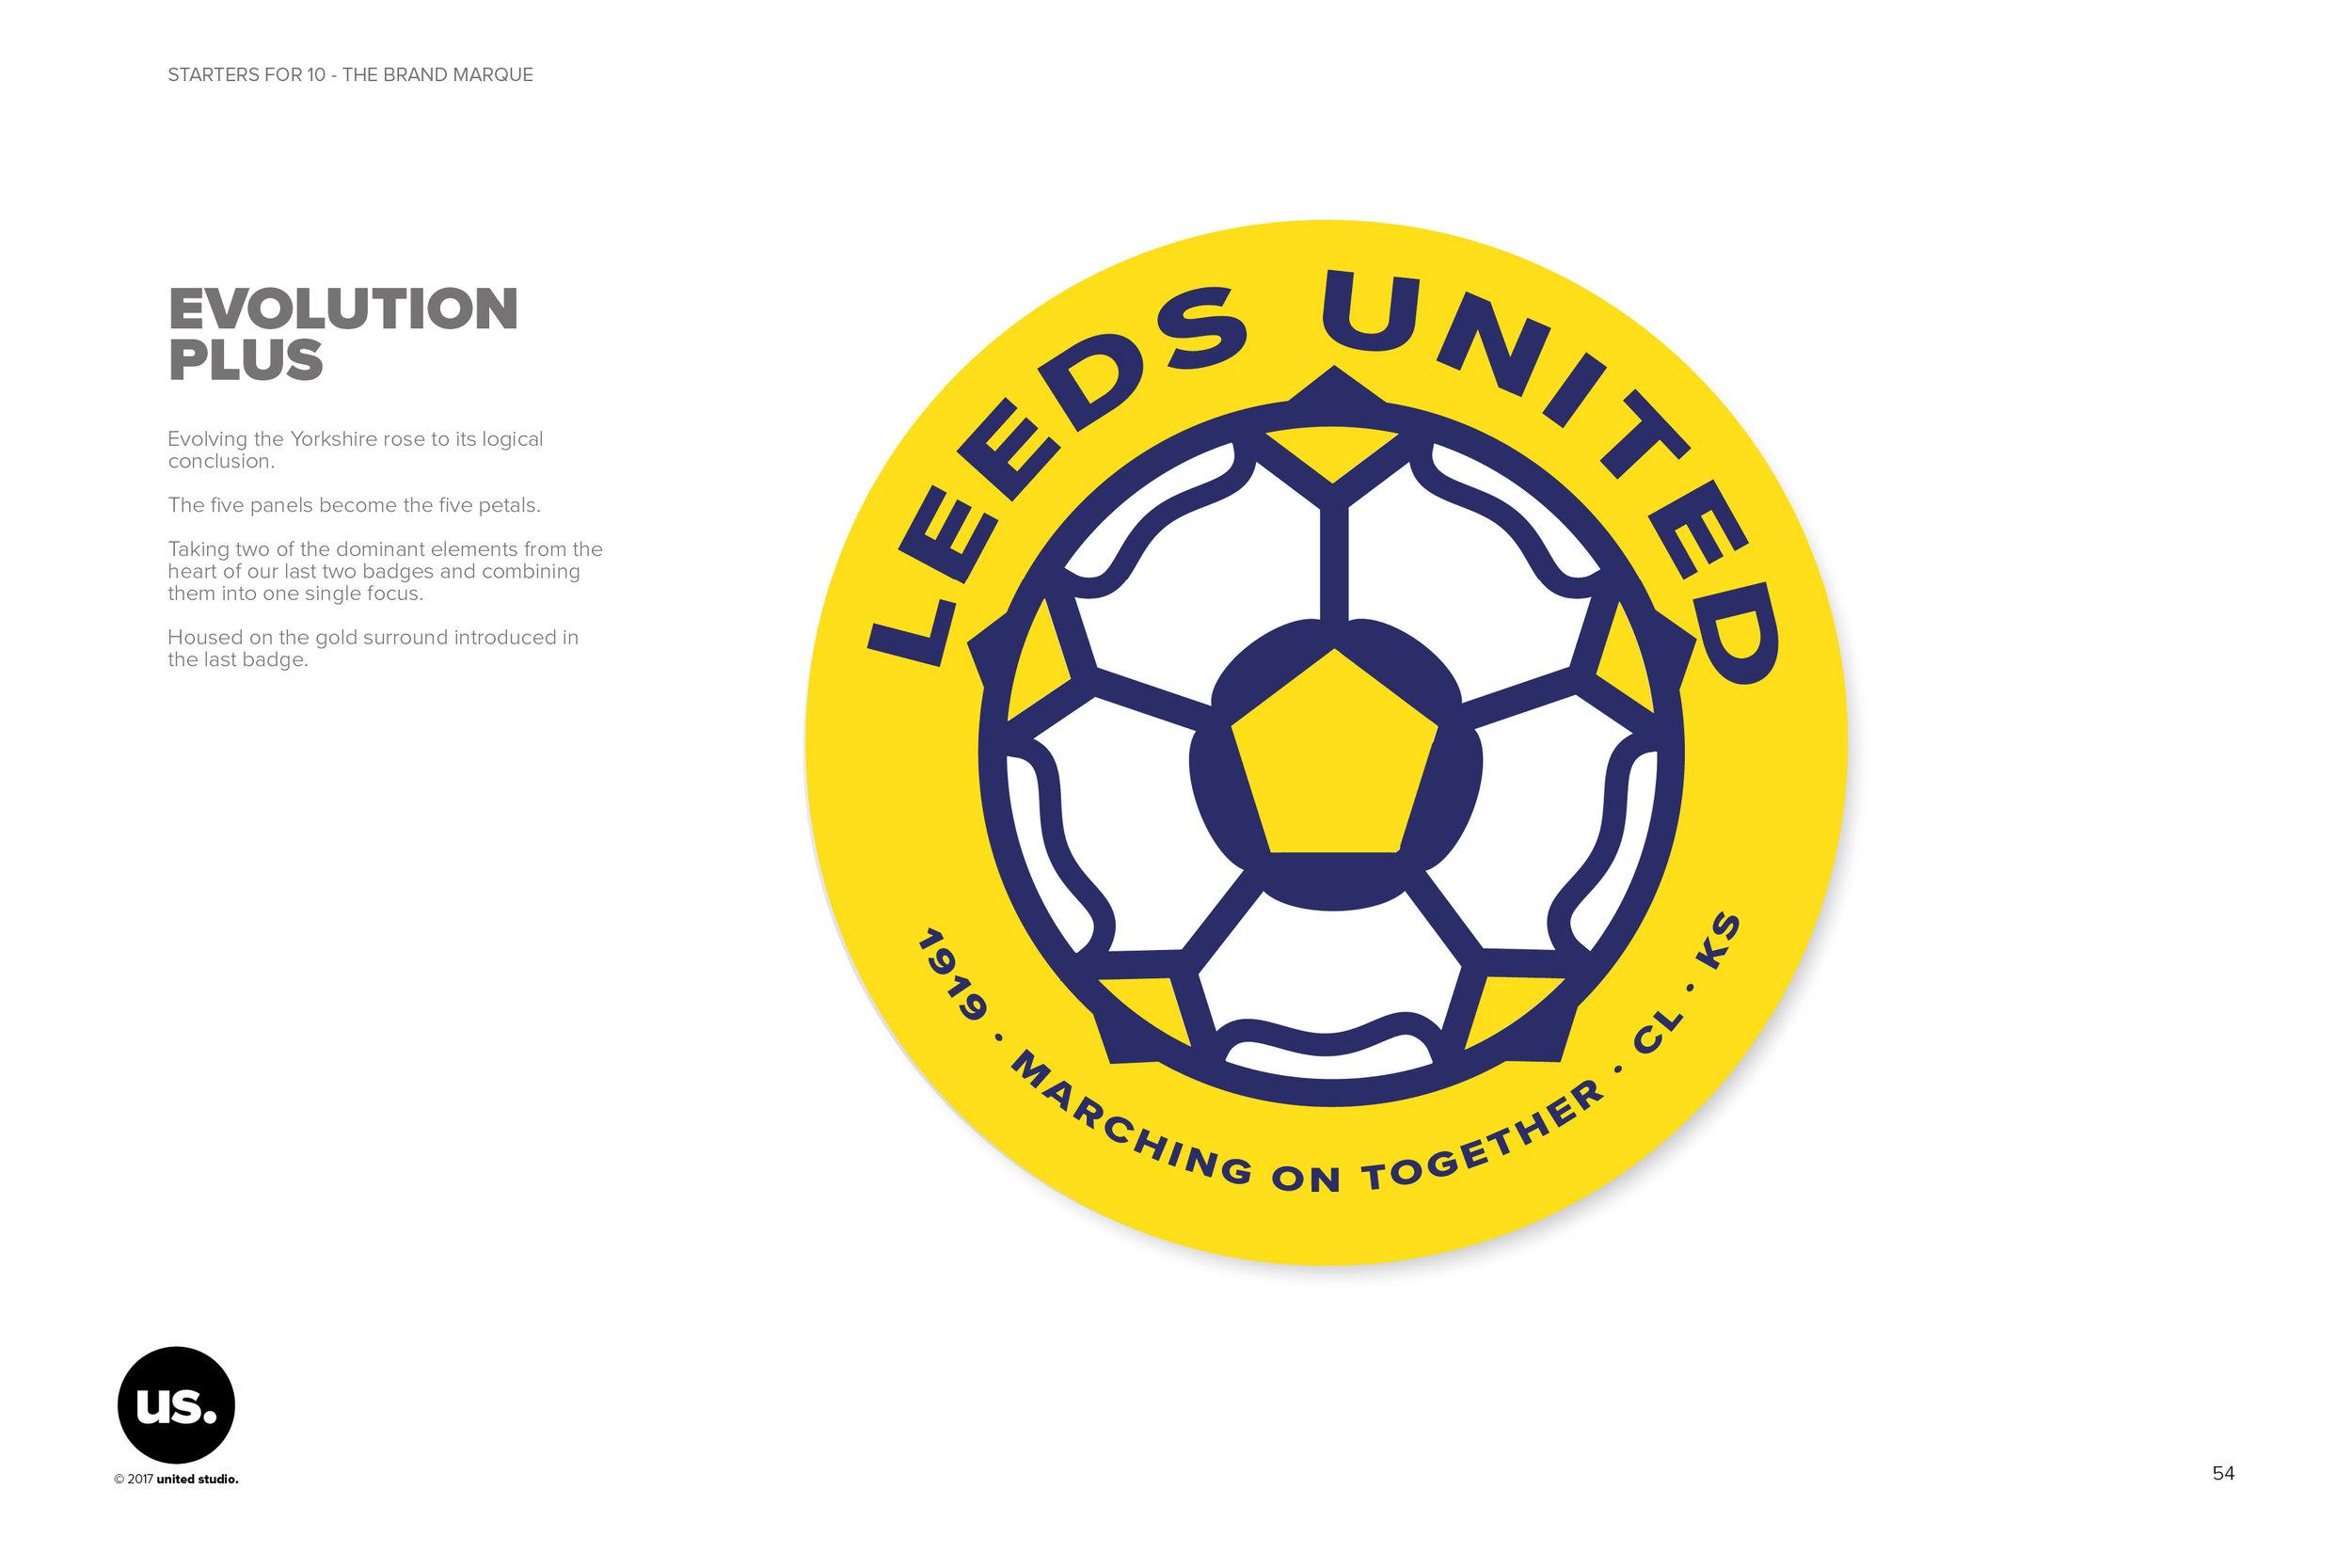 LUFC_united_studio_v23b54.jpg